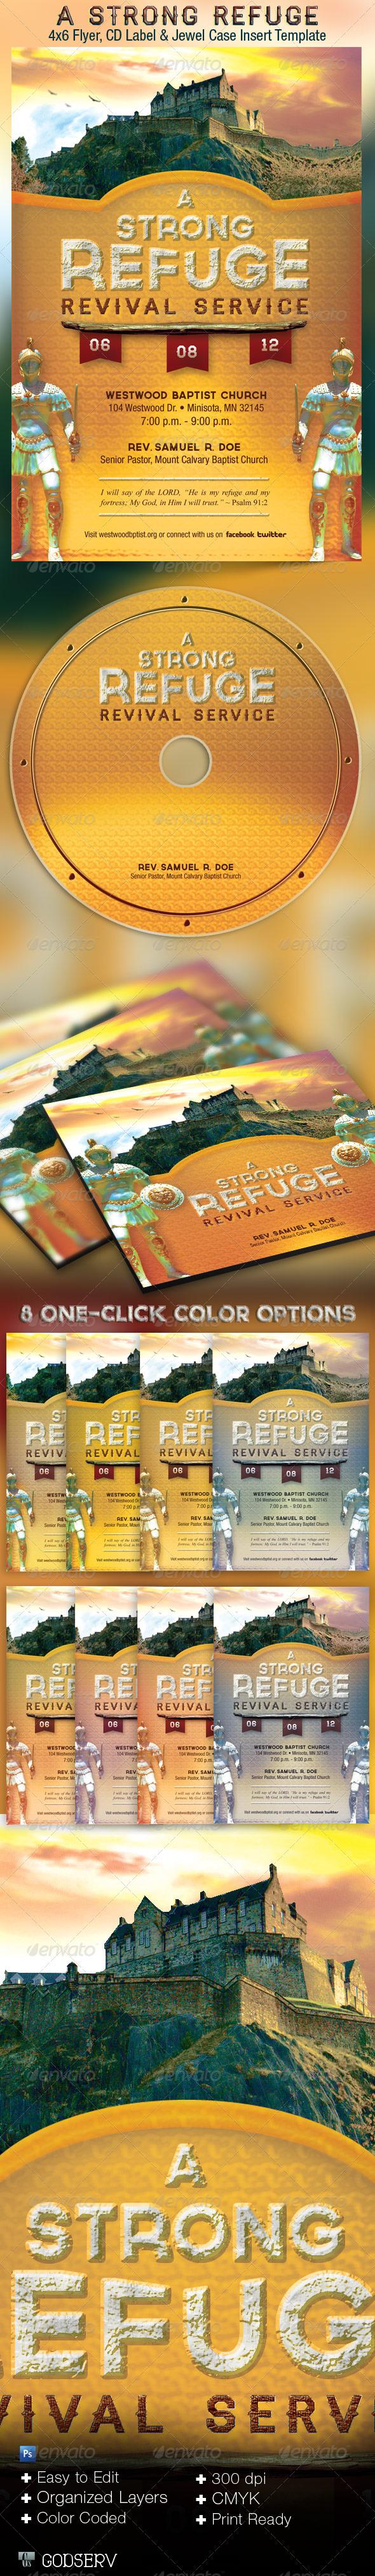 Strong Refuge Church Flyer CD Template - Church Flyers